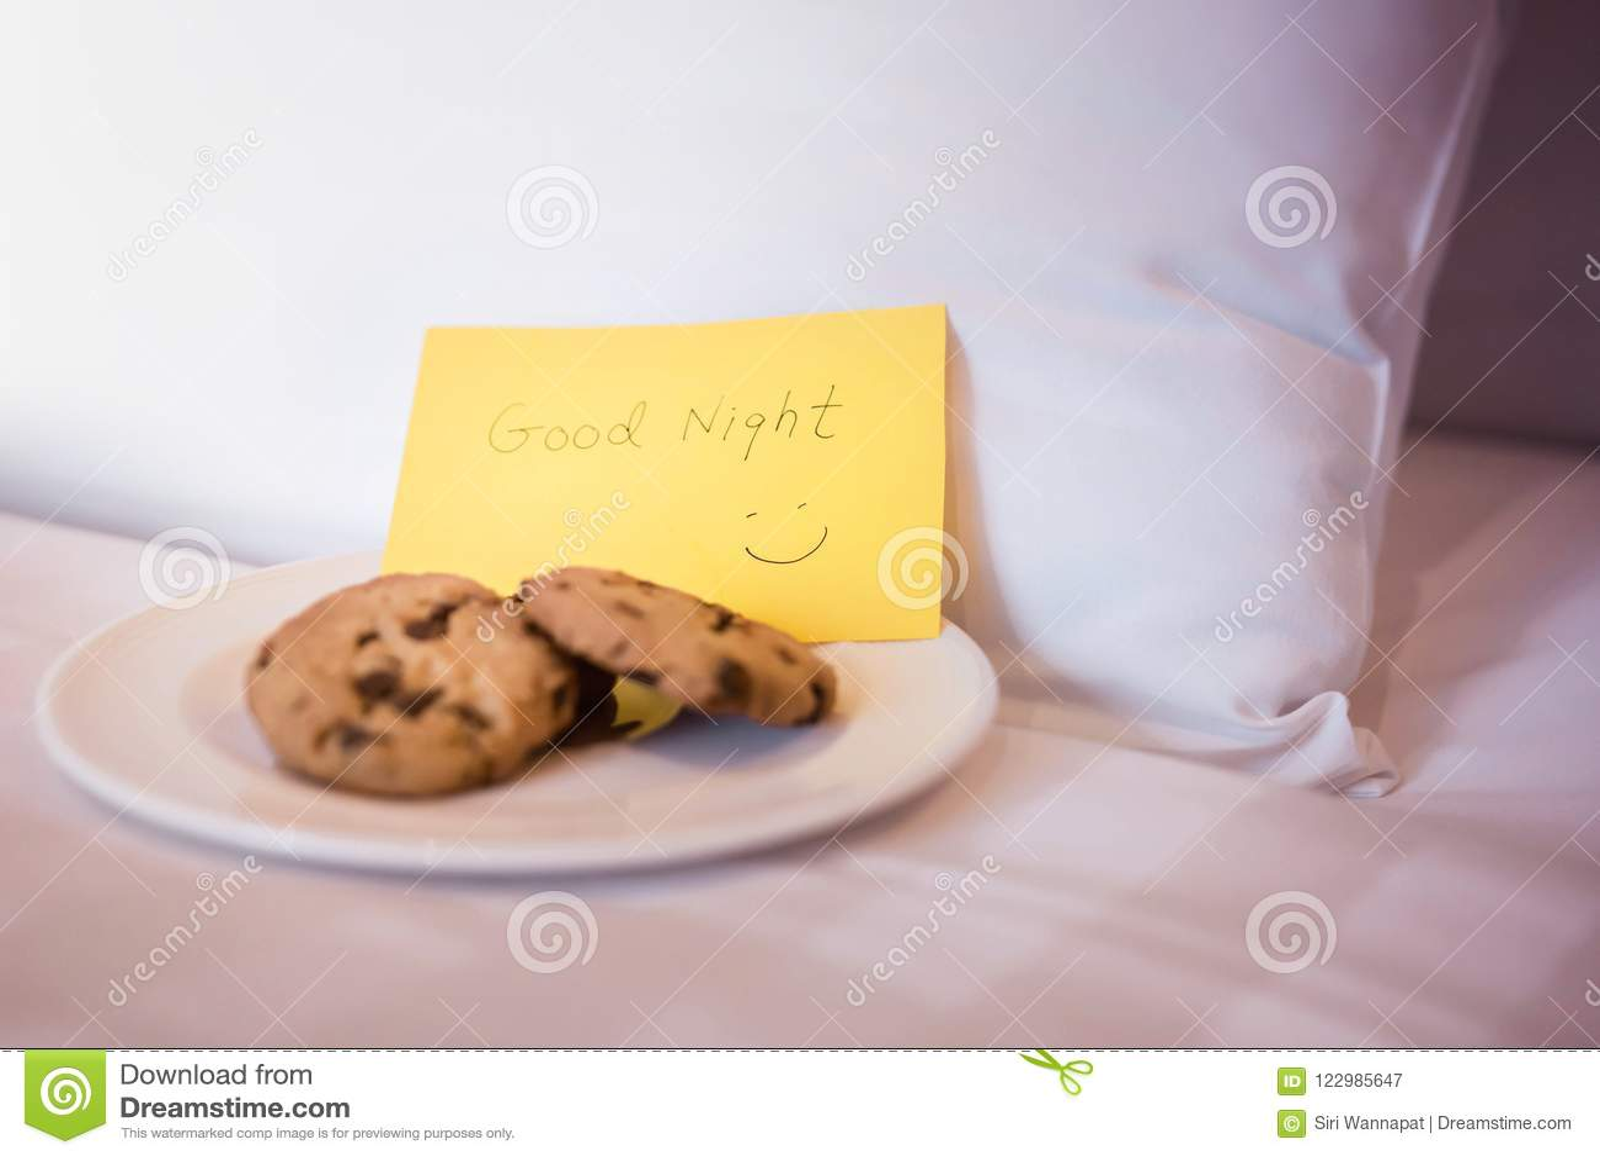 Begrepp för hotellservice Uppassare- eller hembiträdeServing Dessert Cookies nolla